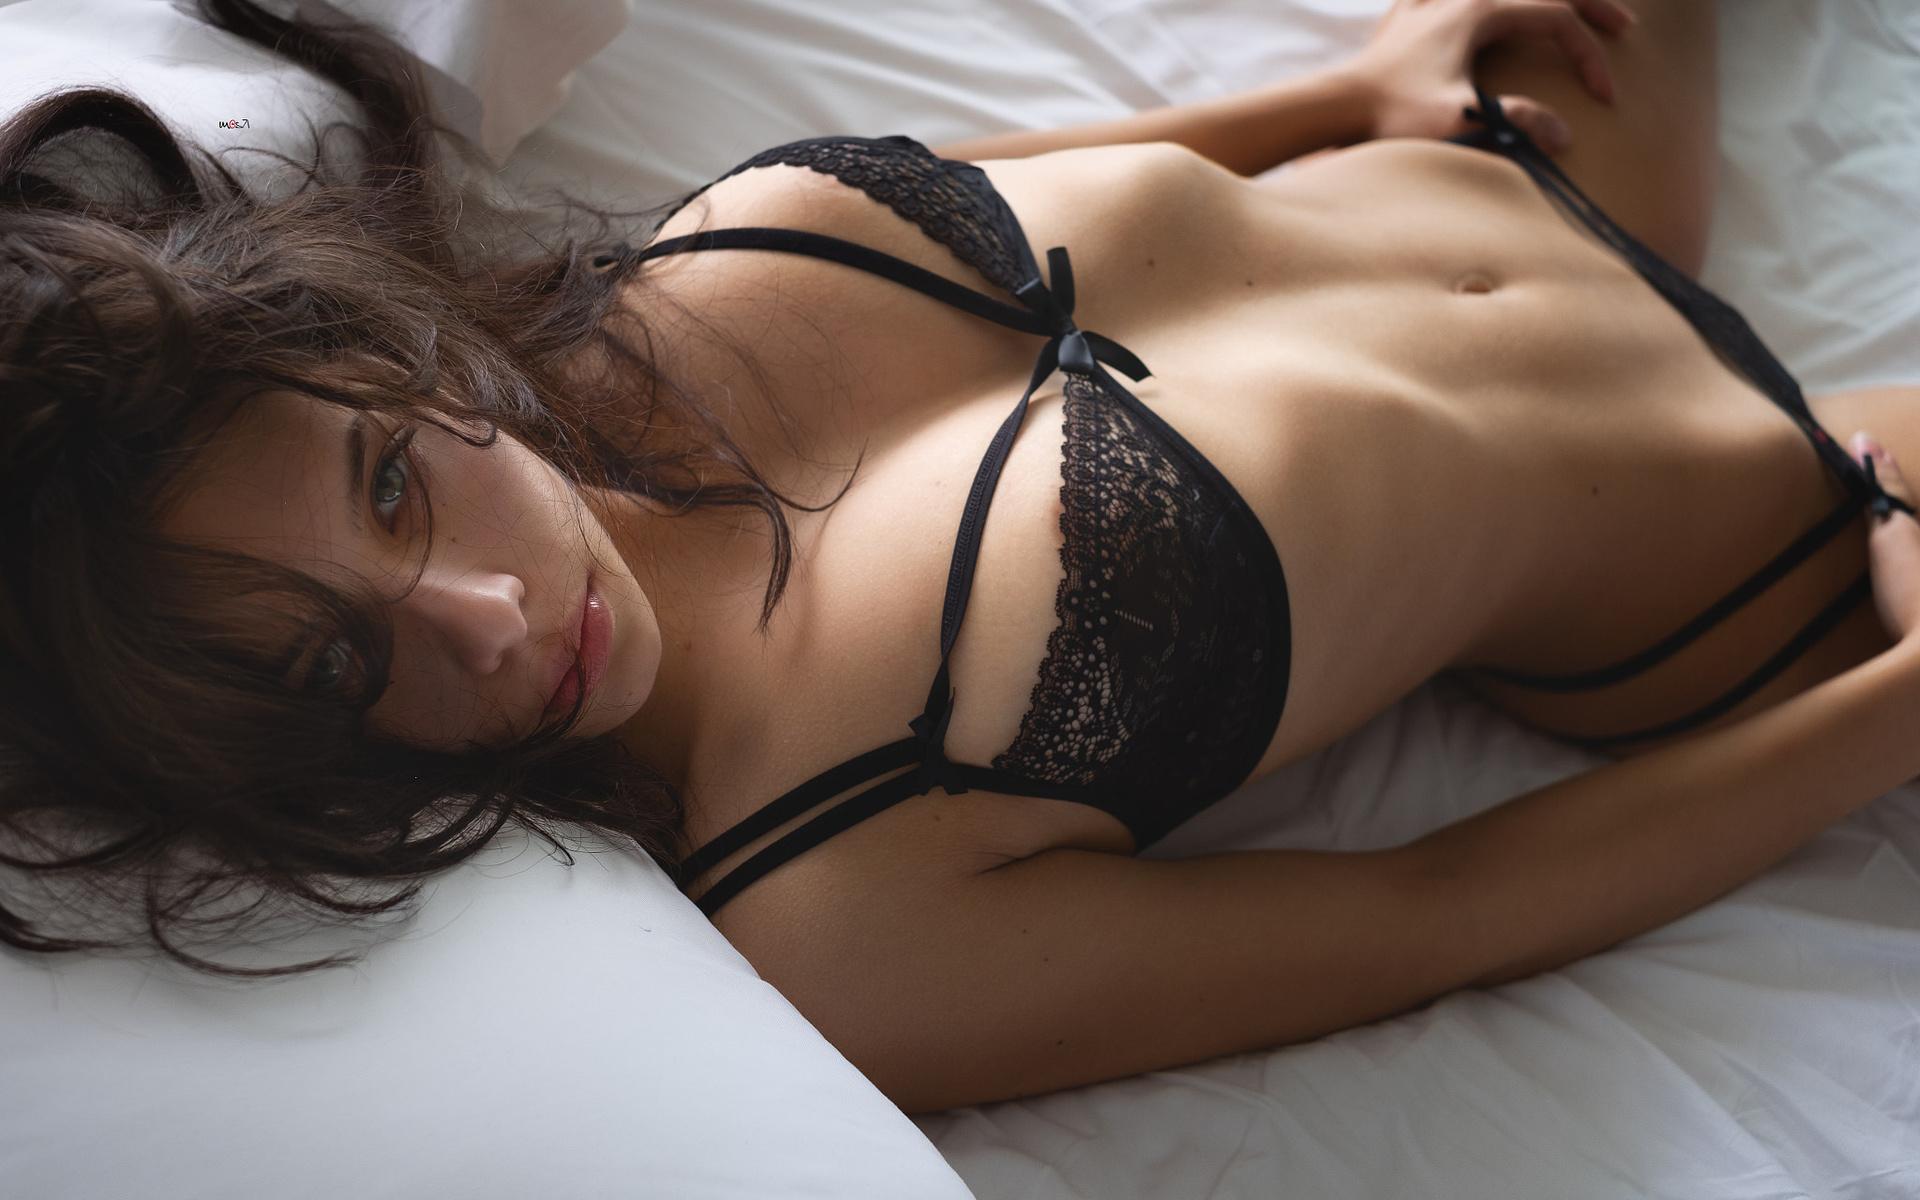 Частное фото в белье брюнетка, Частные фото брюнетки в сексуальном нижнем белье 1 фотография